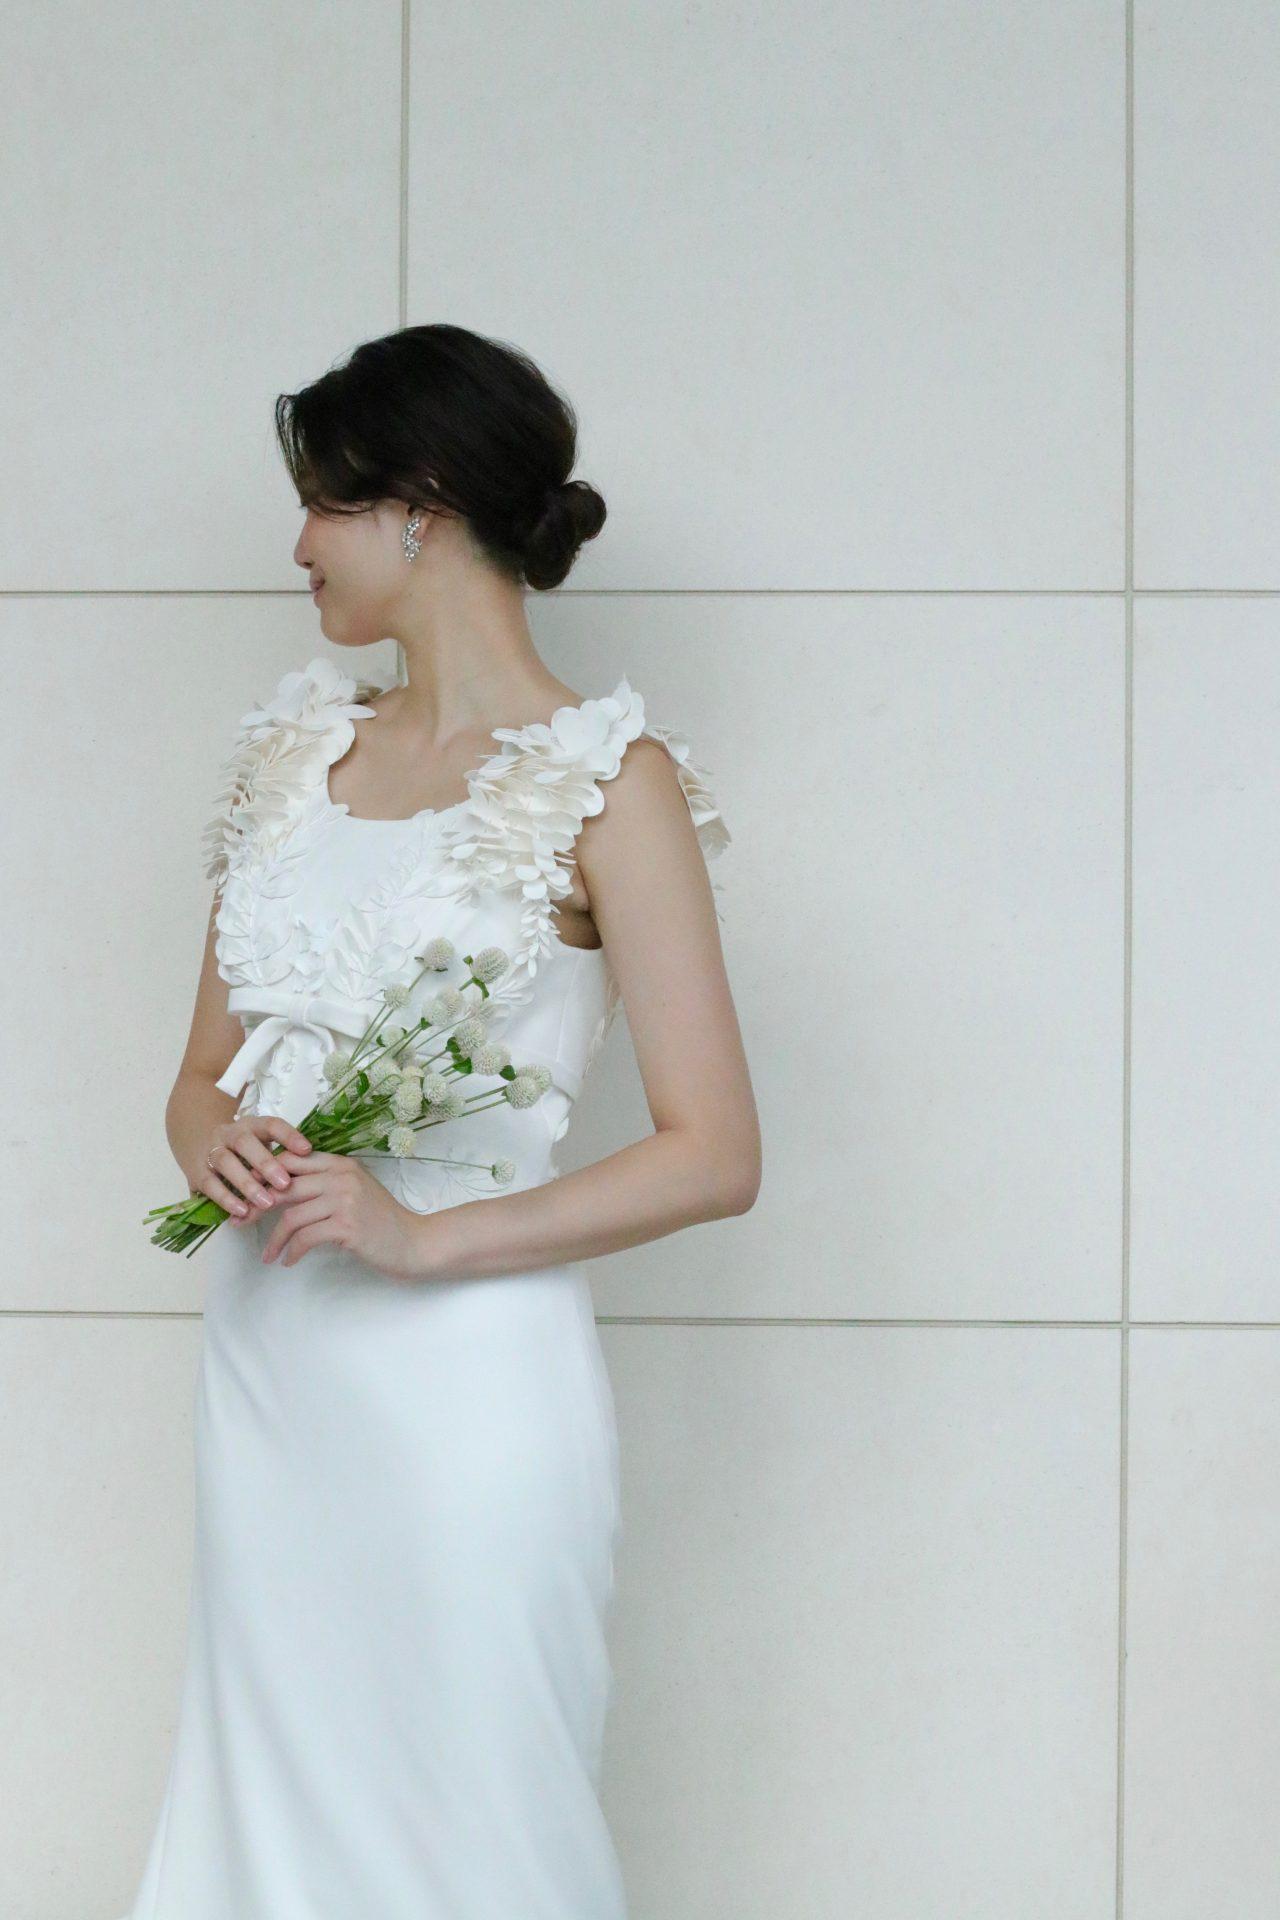 アンダーズ東京の提携するおしゃれなドレスショップ、ザ・トリート・ドレッシングが取り扱う、ヴィクターアンドロルフマリアージュらしいフェッショナブルな新作ウエディングドレスは、個性を大切にする花嫁にオススメです